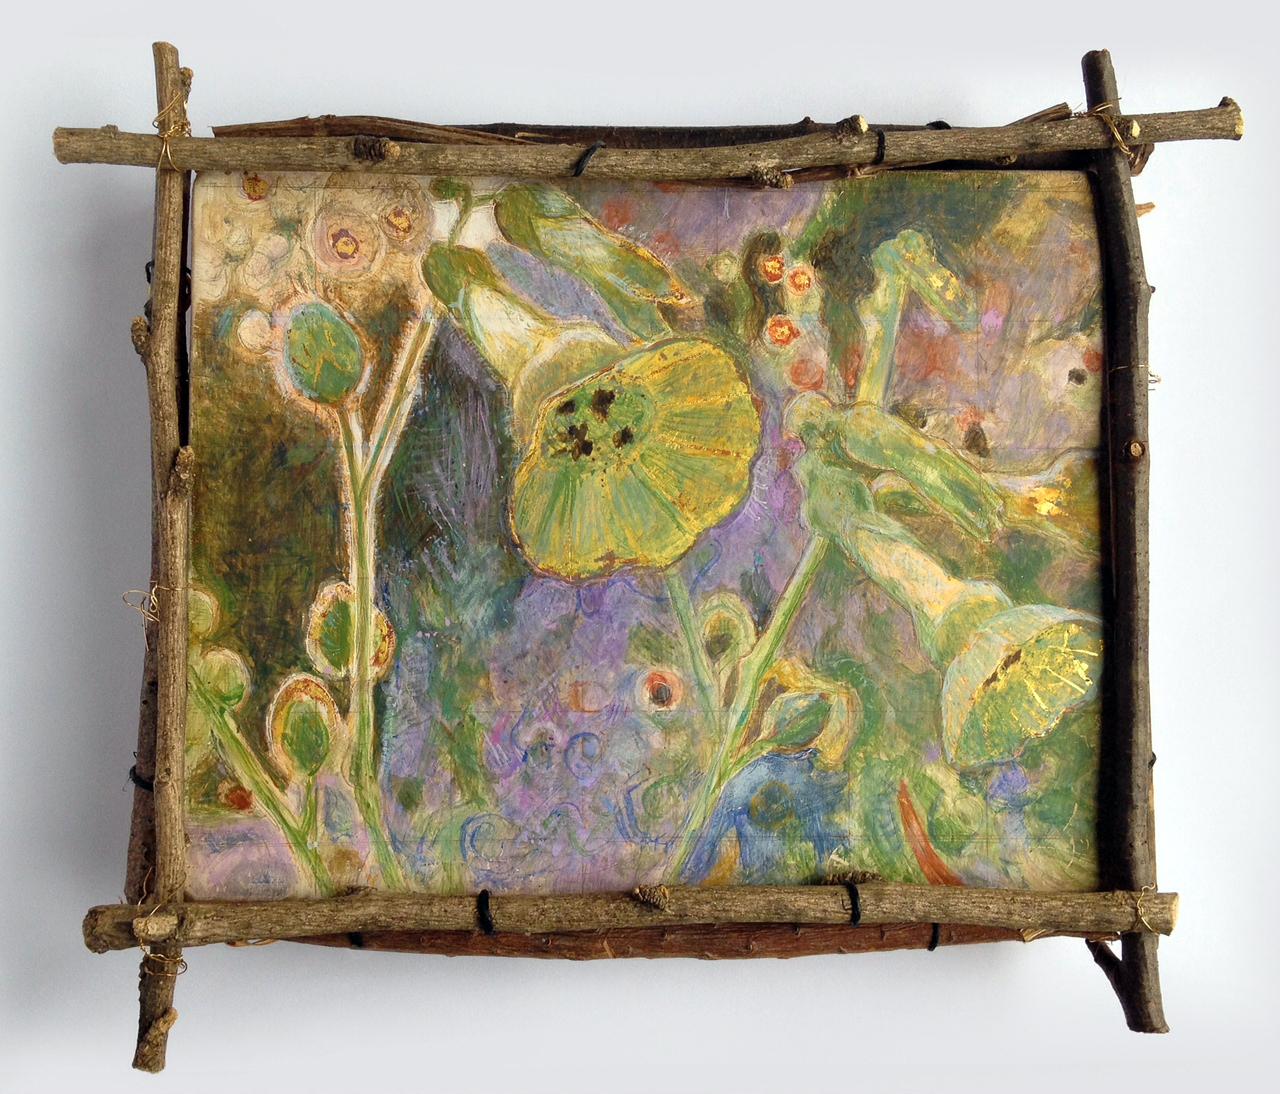 """Pamela Koehler """"Cloister View"""" 2010 egg tempera and gold leaf, 7 1/2 x 9 in. (framed)"""